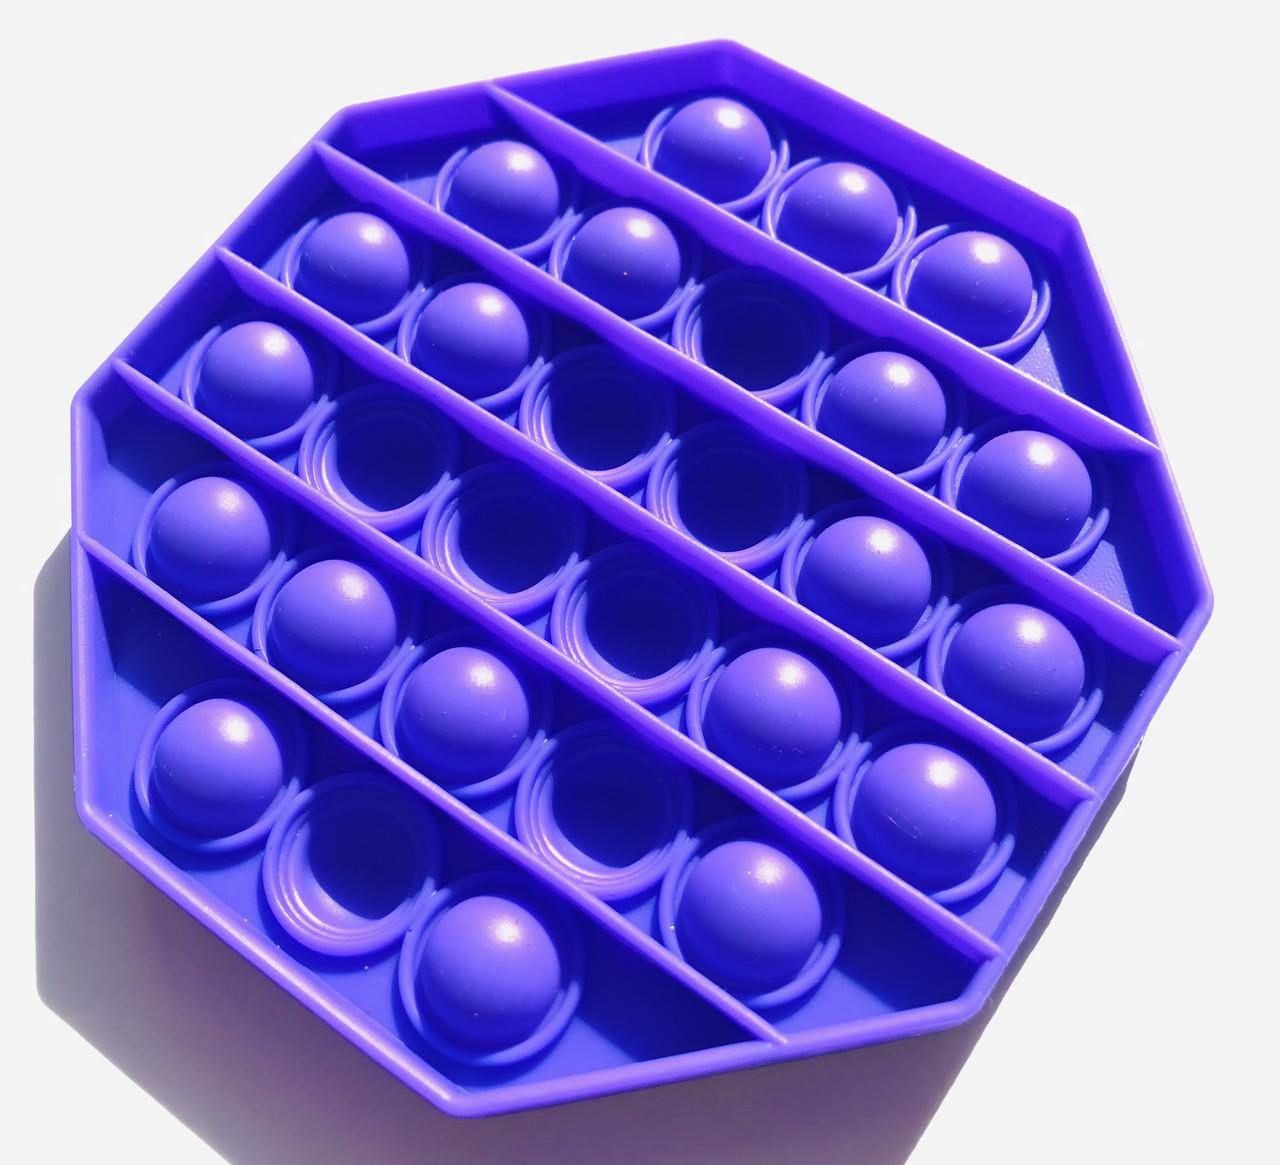 Pop It сенсорная игрушка, пупырка, поп ит антистресс, pop it fidget, попит, фиолетовый восьмиугольник